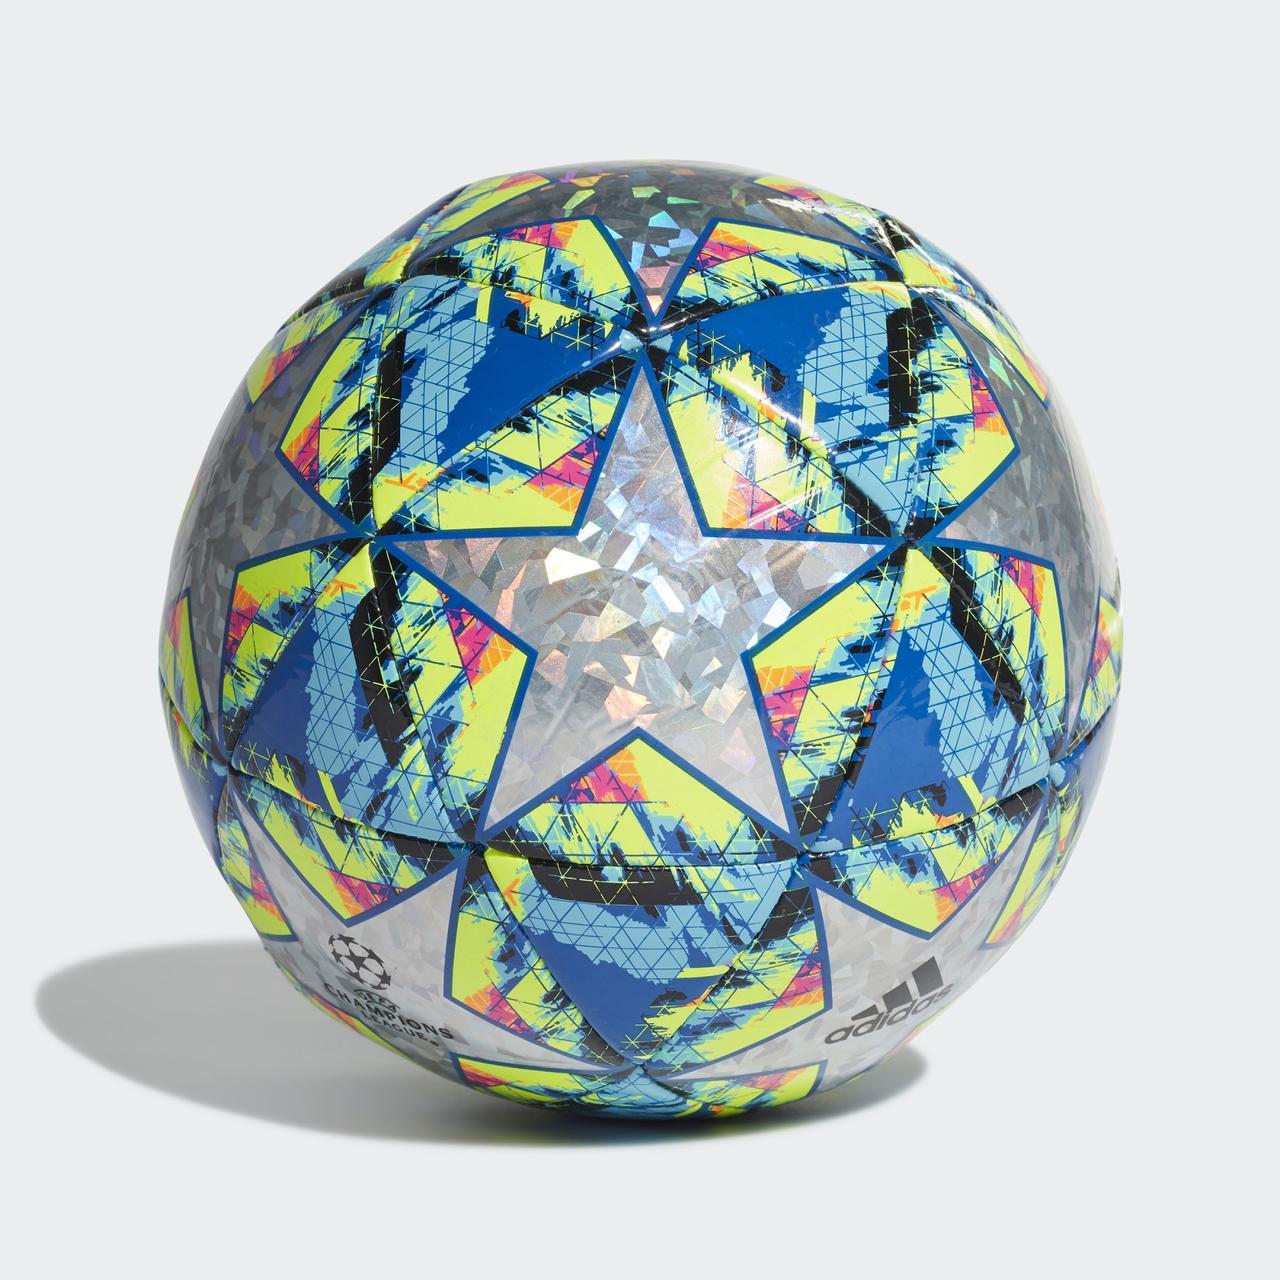 Футбольный мяч Лига чемпионов УЕФА Finale 20 Top Capitano